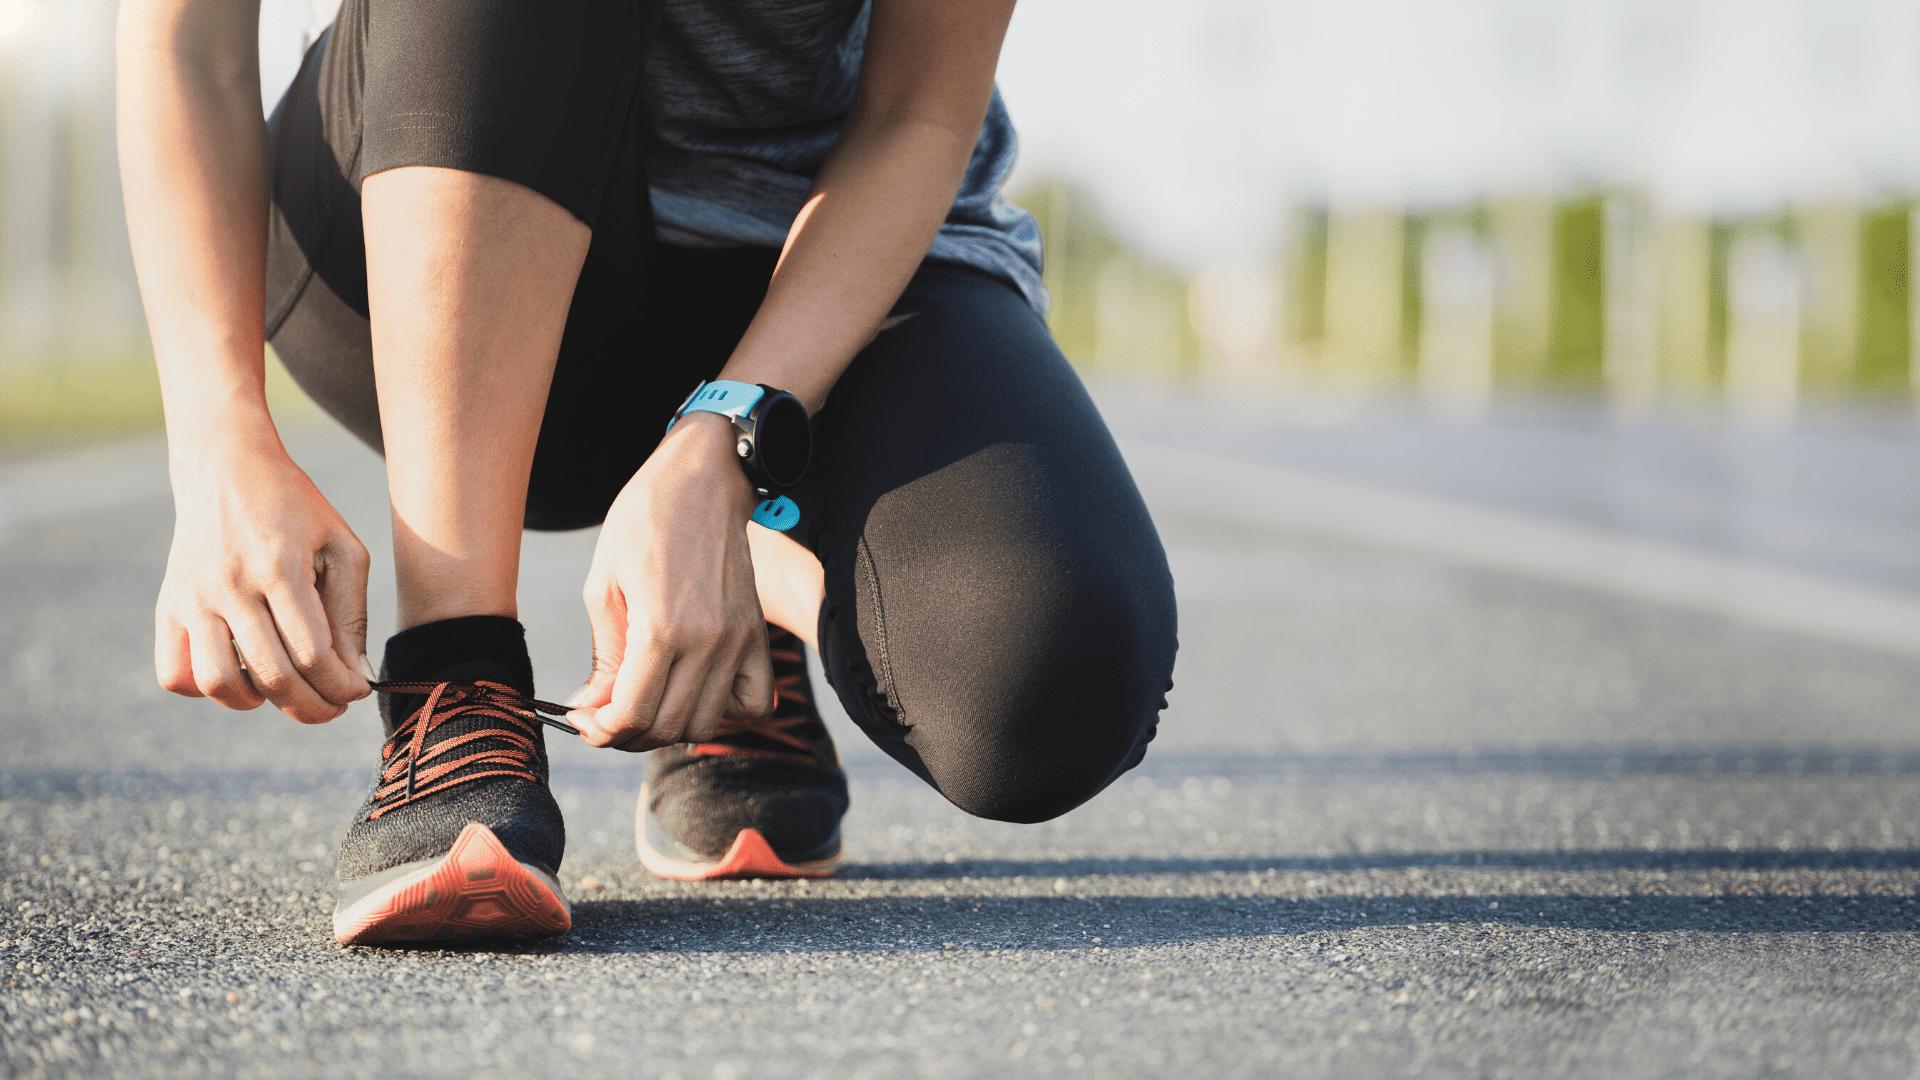 Para correr na rua, o aconselhado é considerar um bom sistema de amortecimento (Imagem: Reprodução/Shutterstock)